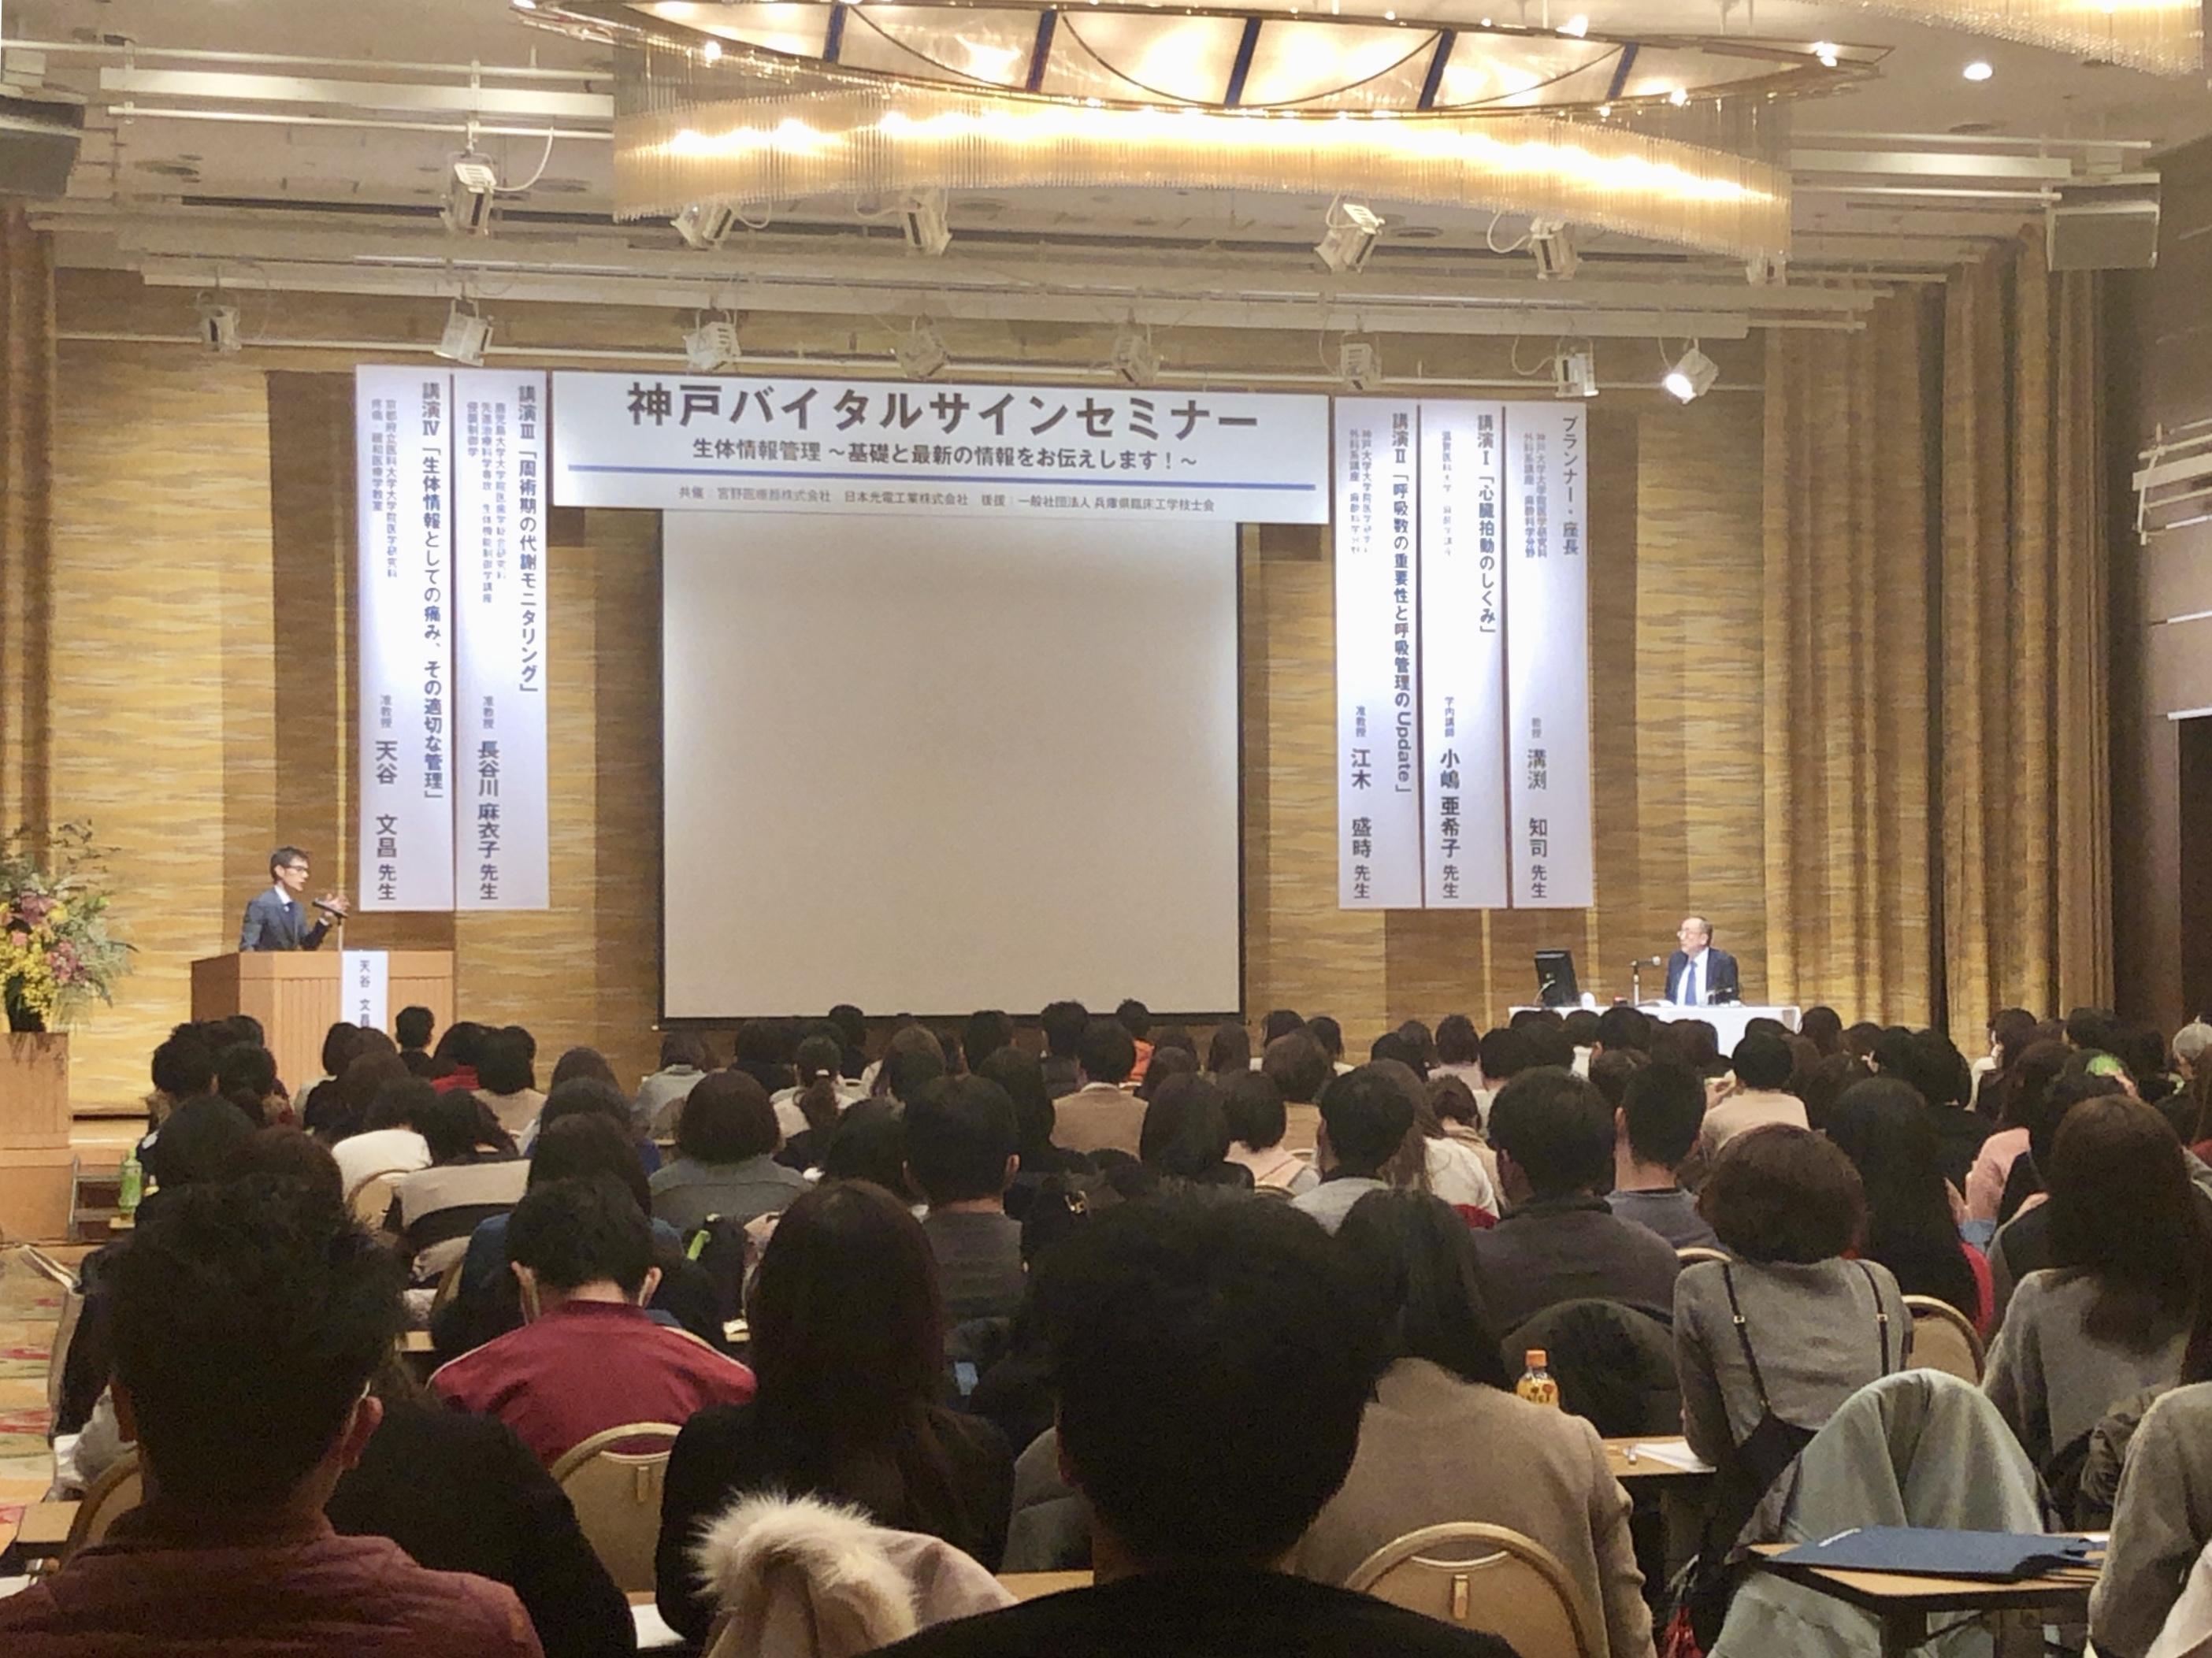 """「神戸バイタルサインセミナー """"生体情報管理 ~基礎と最新の情報をお伝えします!~""""」 開催のお知らせ"""